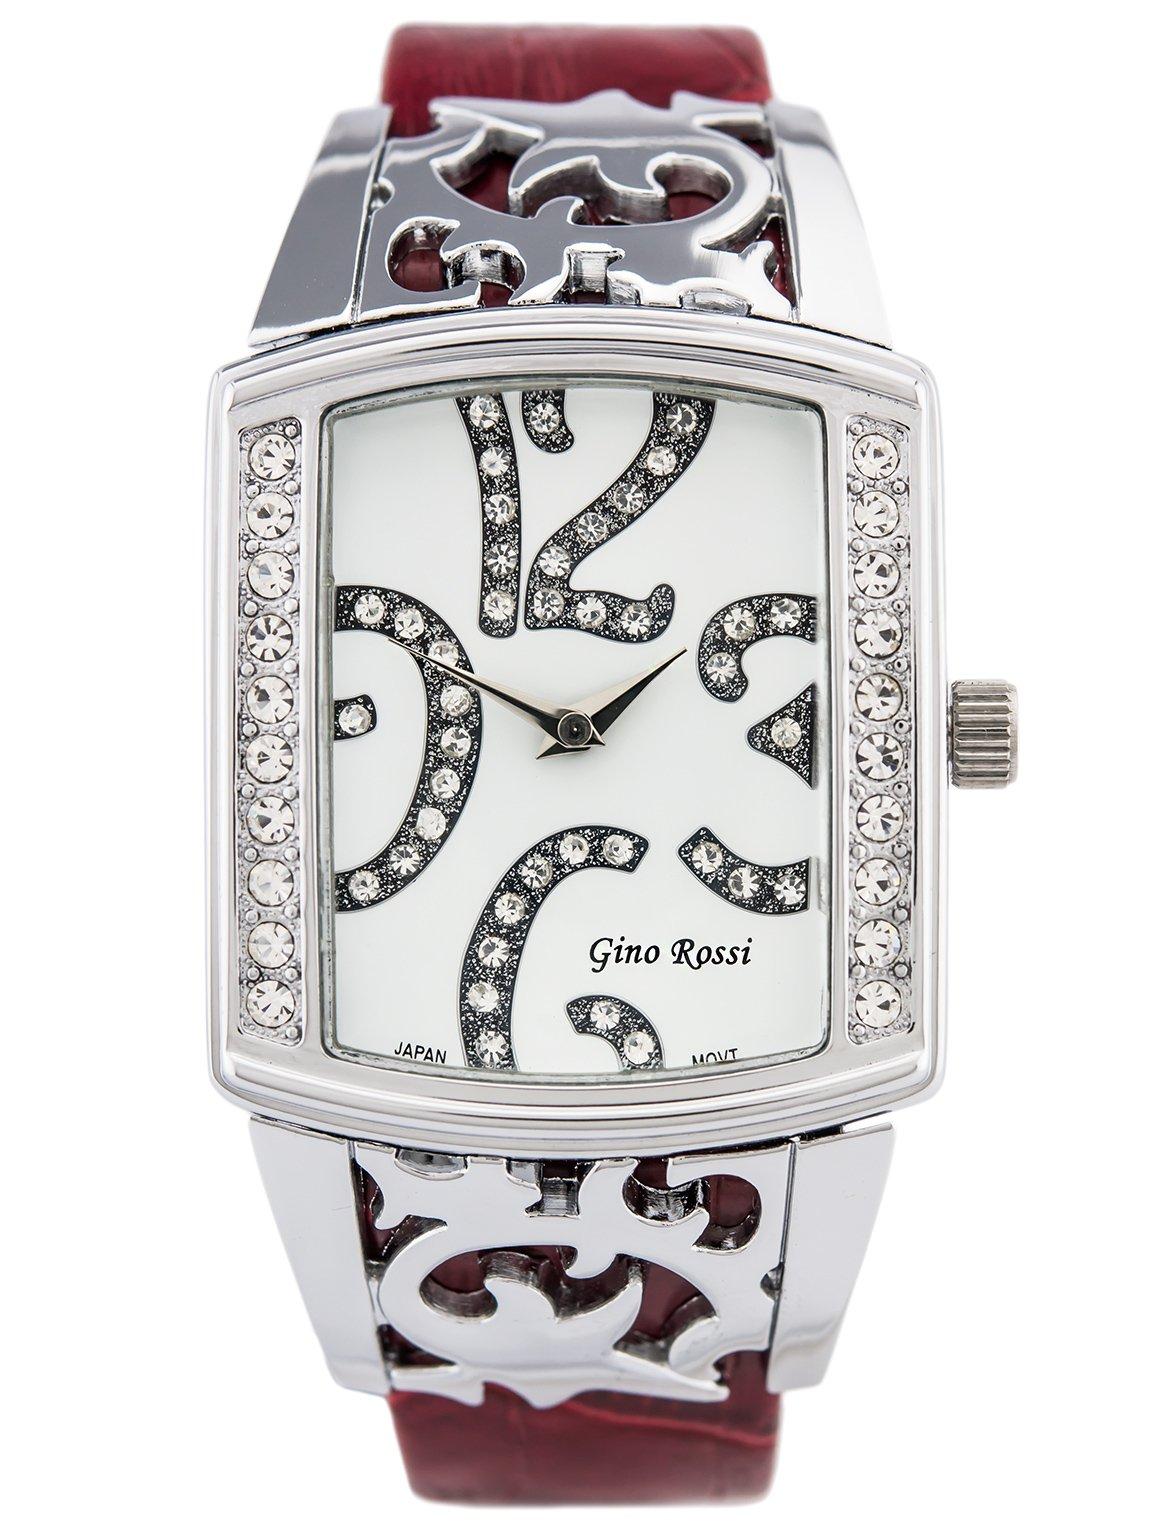 d57350cd52452 Zegarek damski GINO ROSSI 6378 7CCS 79,00 zł cena tanio najtaniej ...